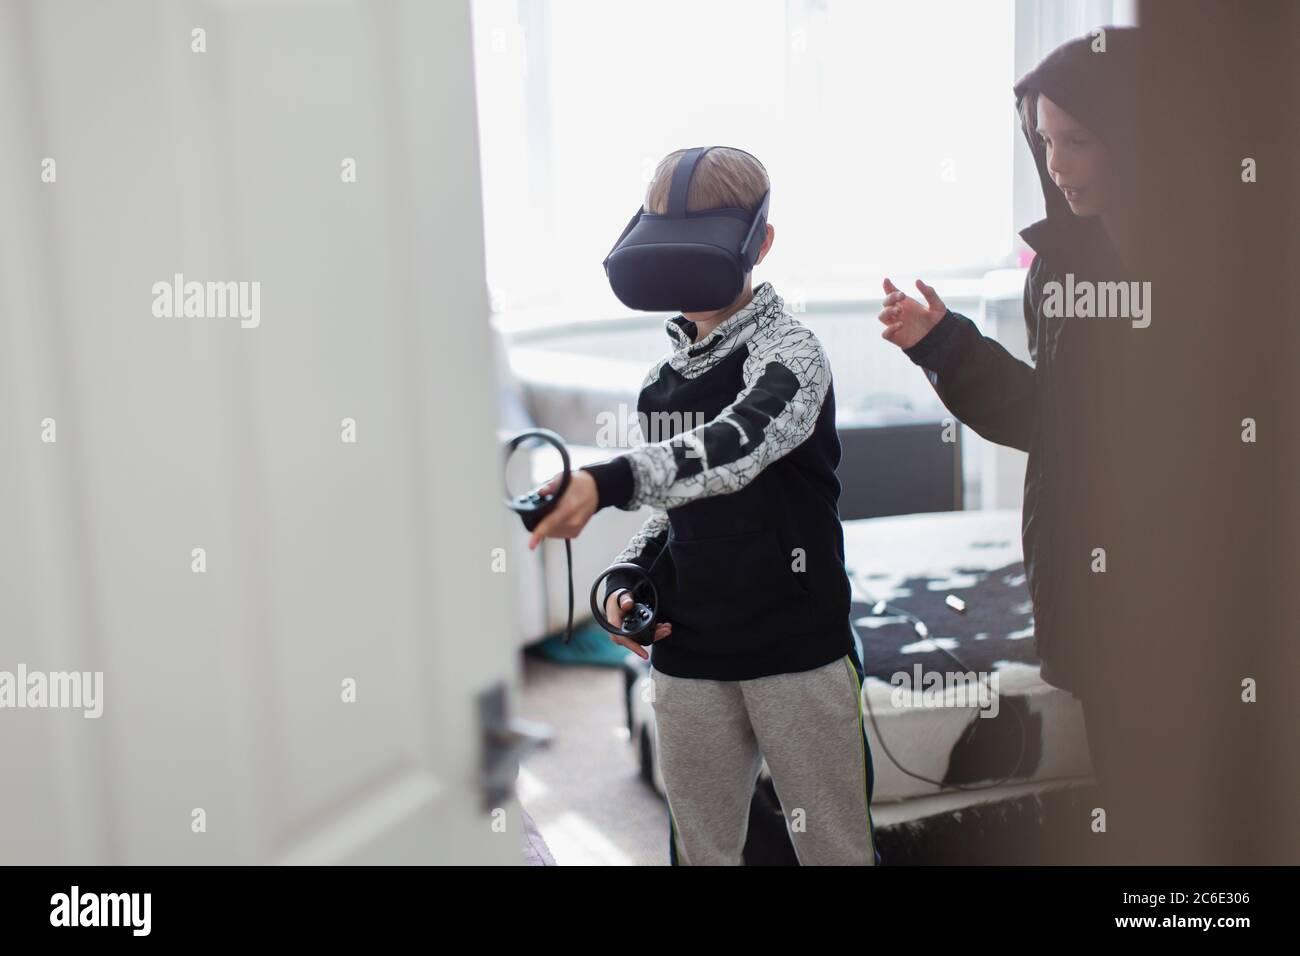 Brüder spielen Videospiel mit VRS Brille Stockfoto